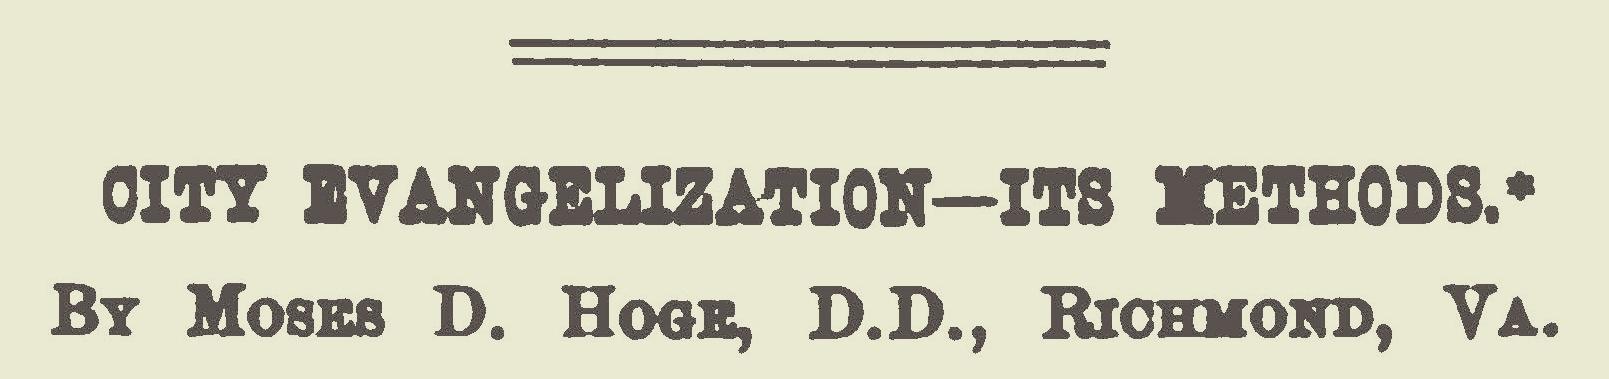 Hoge, Moses Drury, City Evangelism Its Methods Title Page.jpg